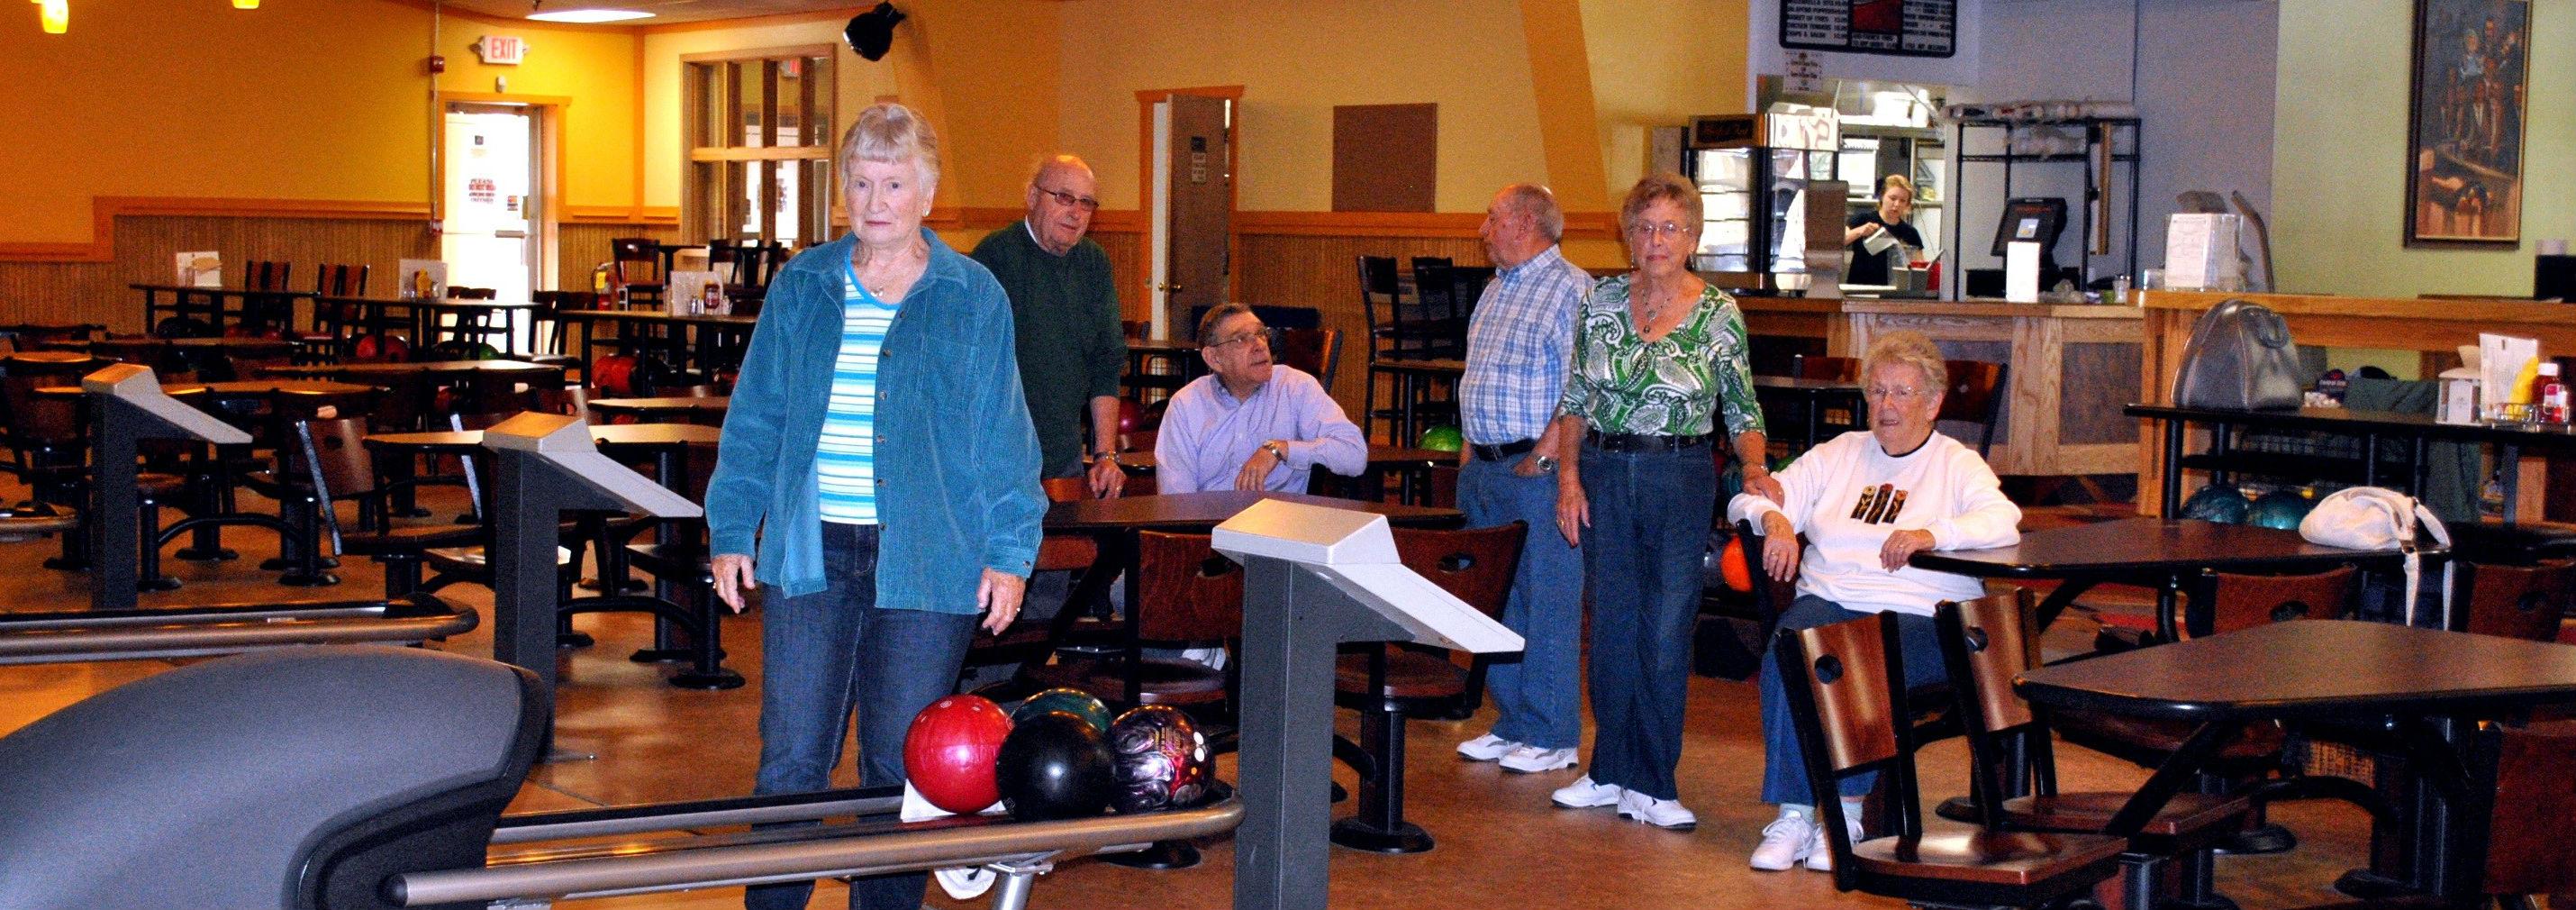 league bowling tournaments barre vt montpelier